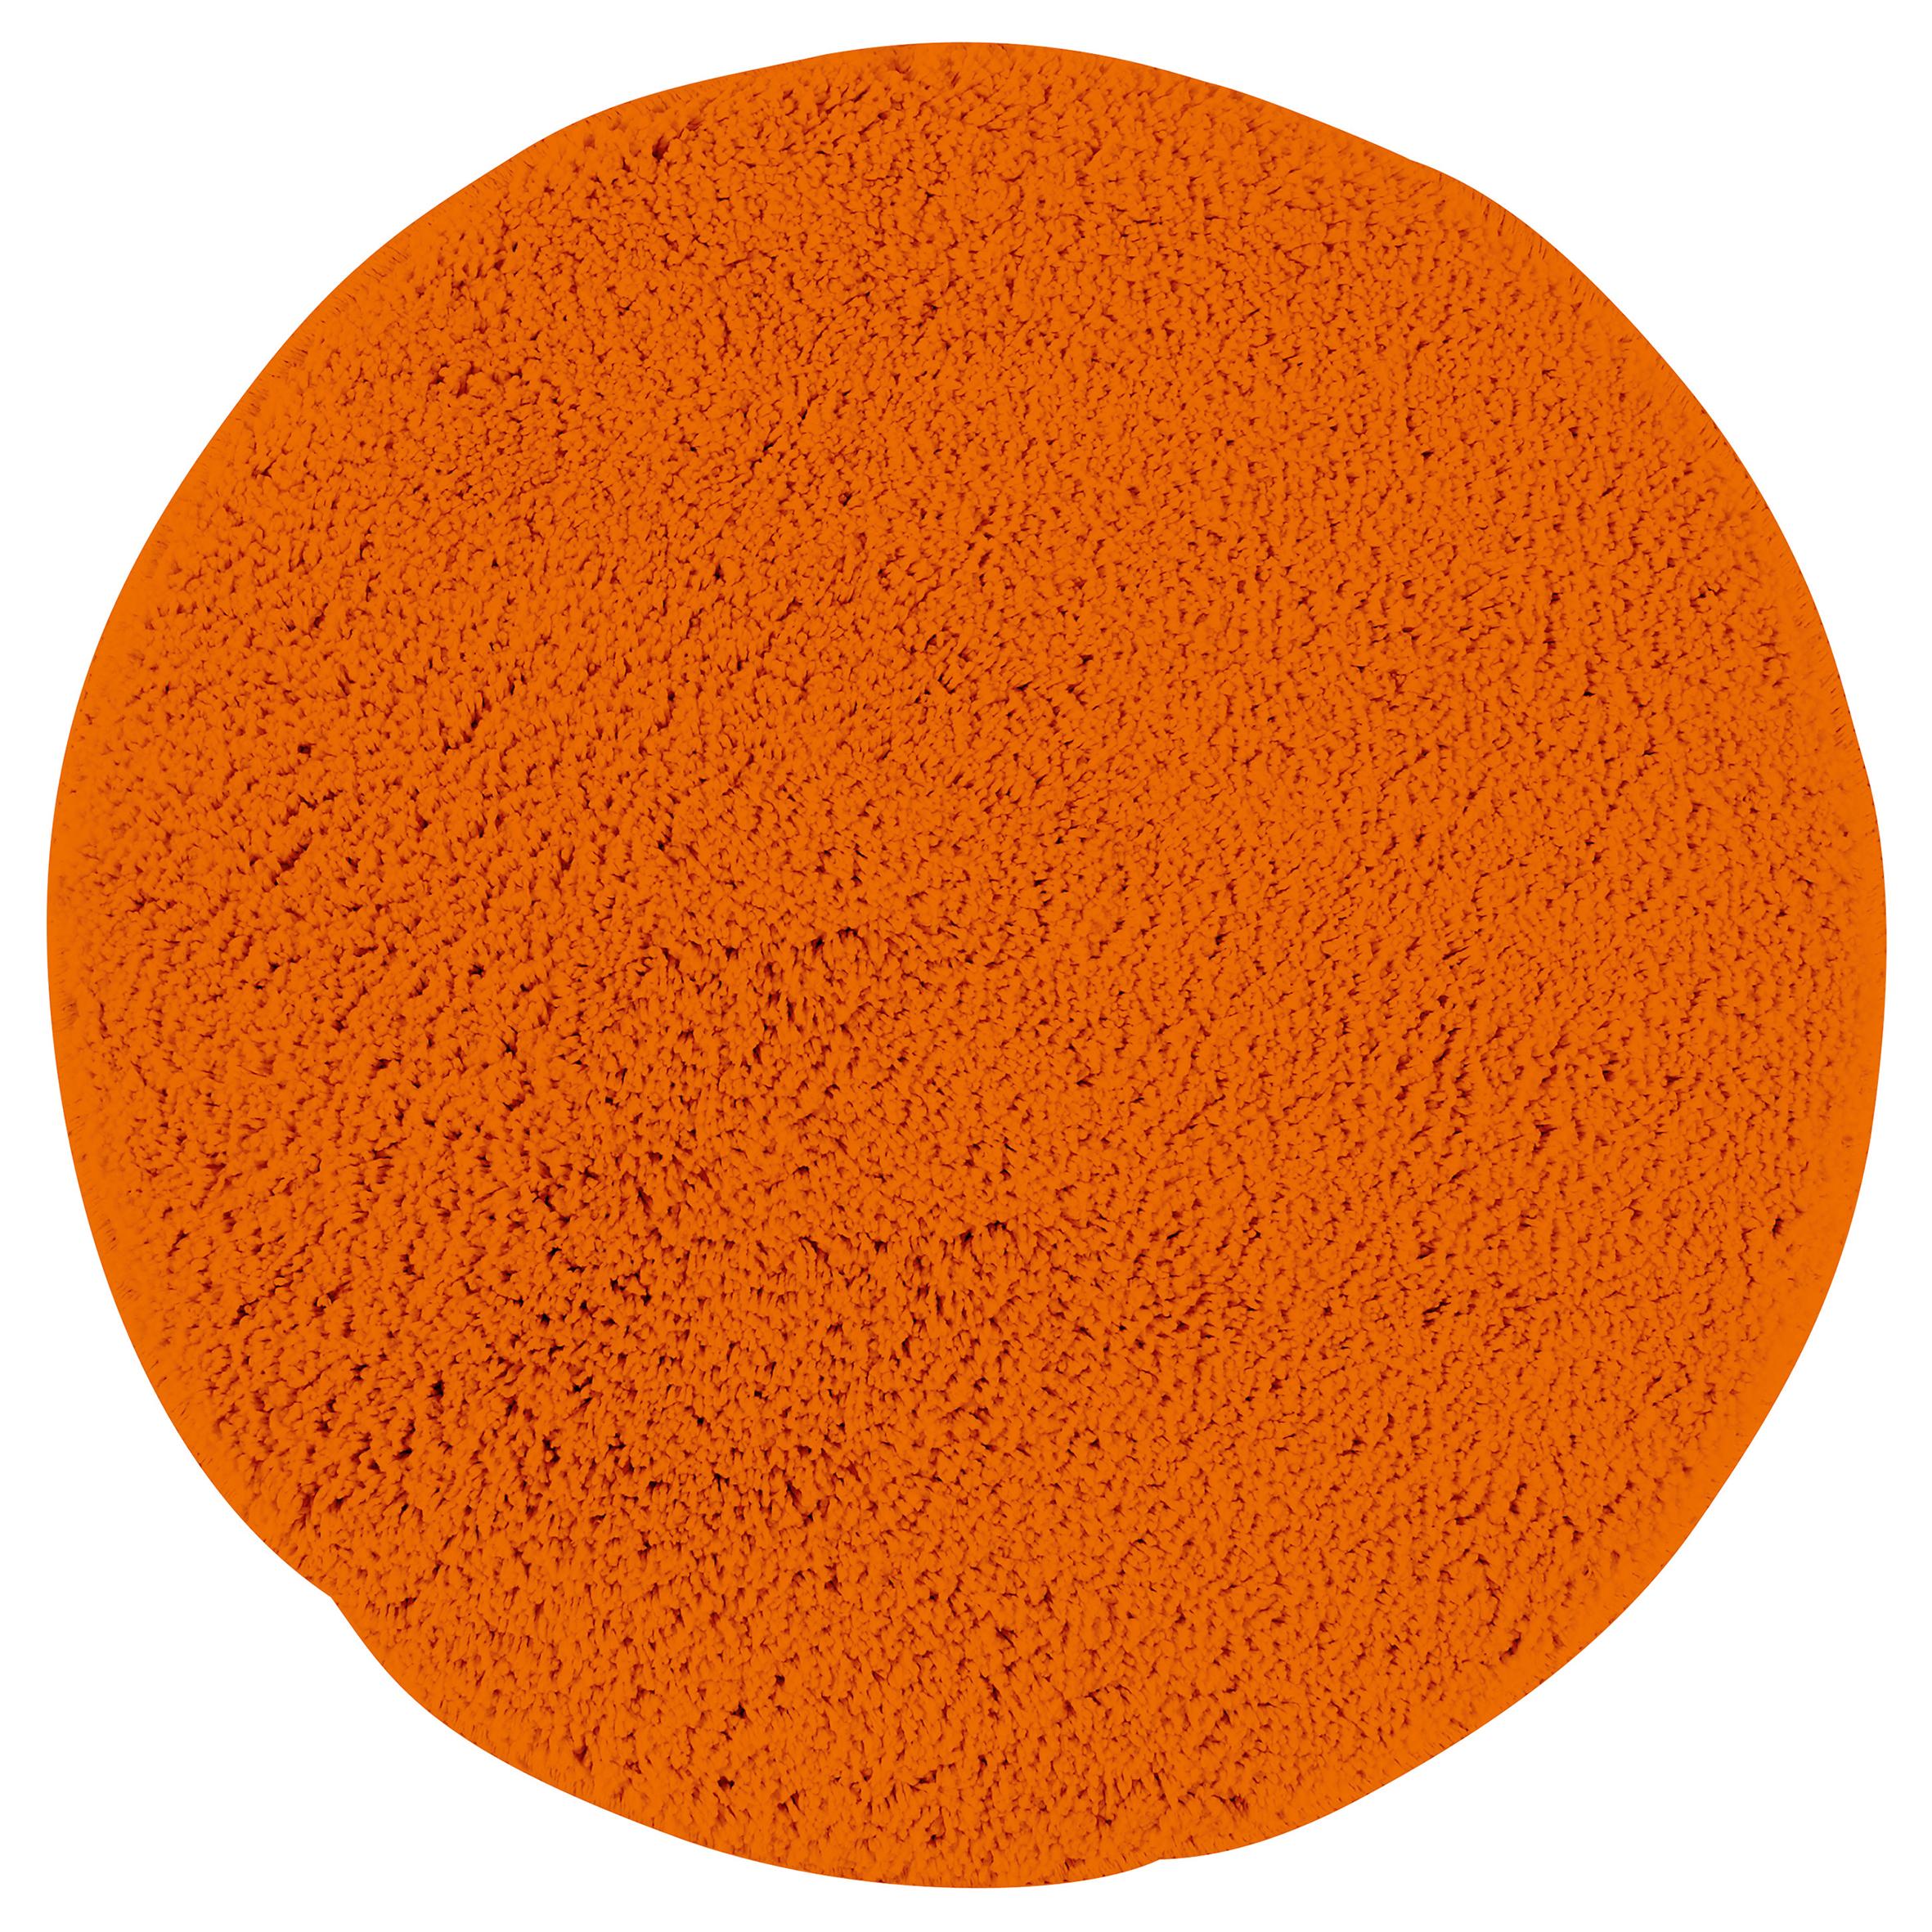 Коврик для ванной Axentia, круглый, цвет: оранжевый, диаметр 50 см116068Коврик для ванной комнаты из микрофибры, круглый, диаметр 50 см. Высота ворса 1,5 см, стеганный. Противоскользящее основание изготовлено из термопластичной резины и подходит для полов с подогревом. Коврик мягкий и приятный на ощупь, отлично впитывает влагу и быстро сохнет. Можно стирать в стиральной машине. Высокая износостойкость коврика и стойкость цвета позволит вам наслаждаться покупкой долгие годы. Широкая гамма расцветок ковриков Axentia удовлетворит самый притязательный вкус.